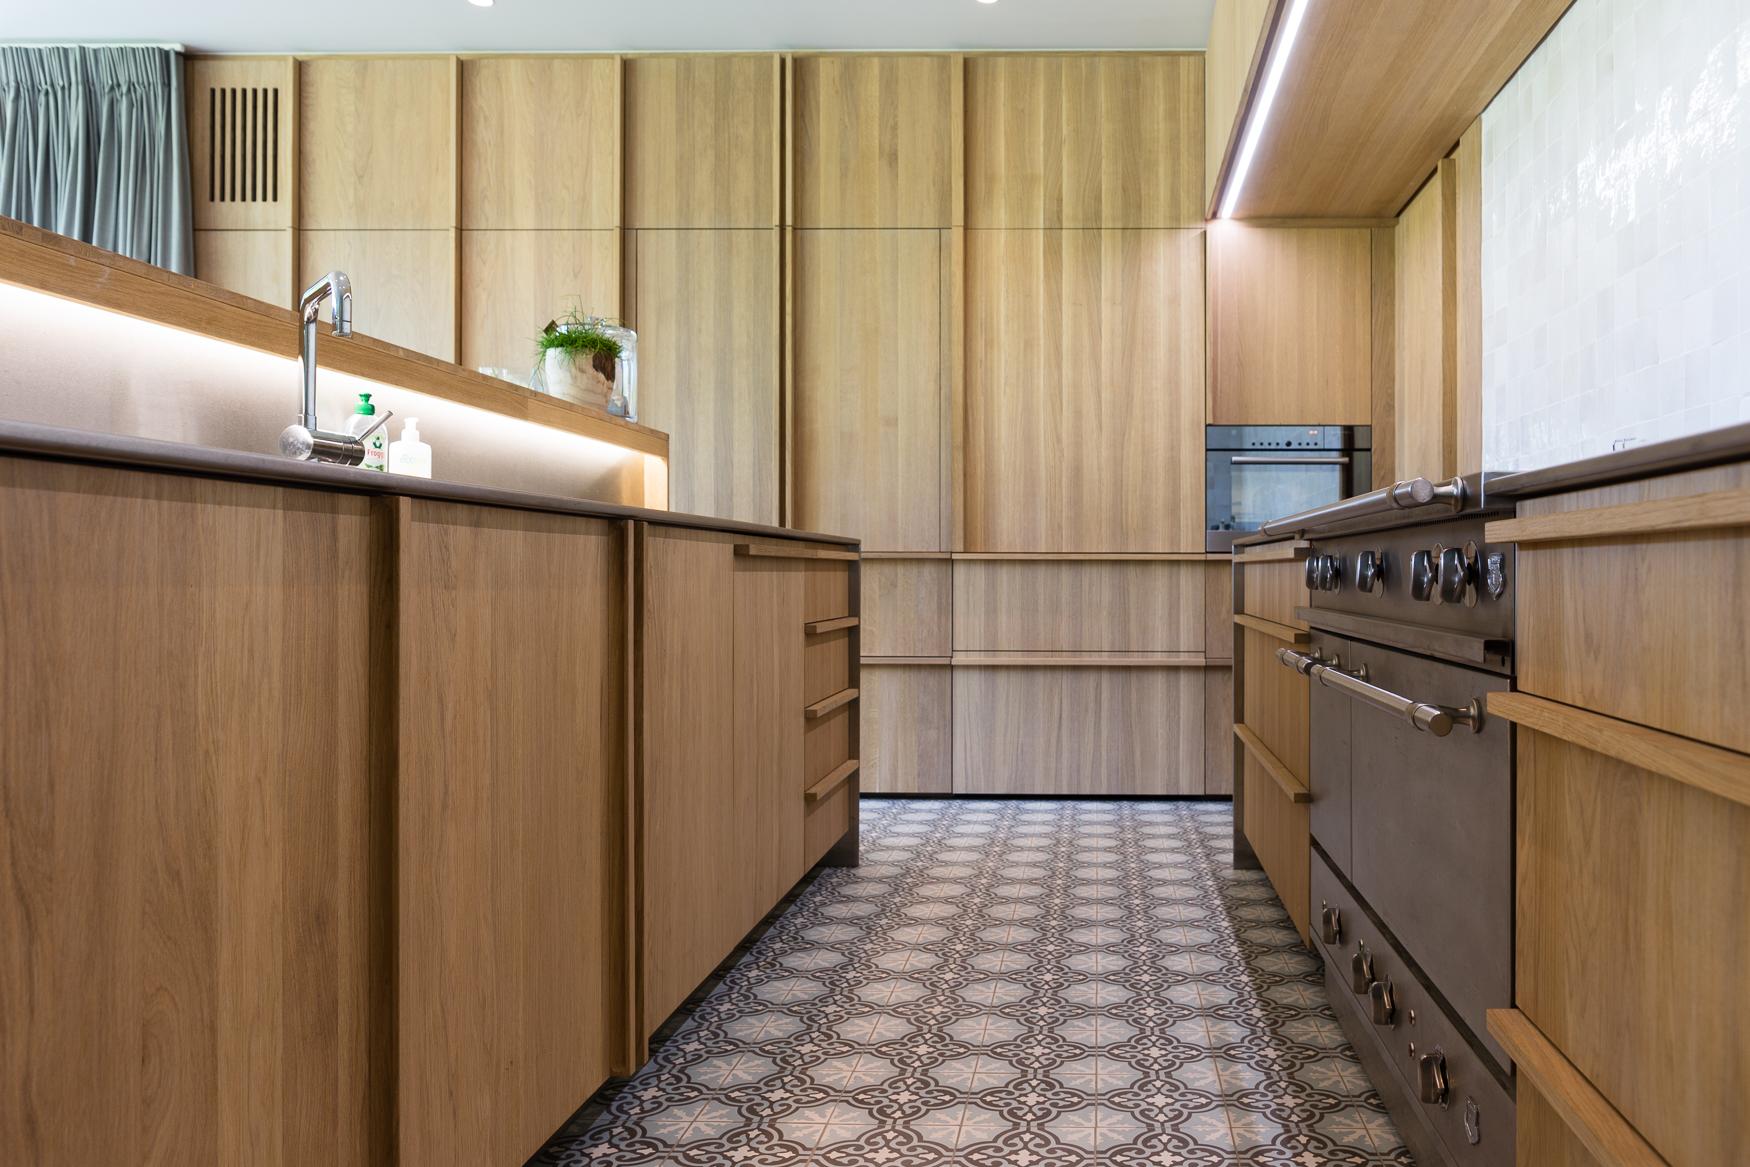 Keuken met tegels - Foto door Dirk De Cubber